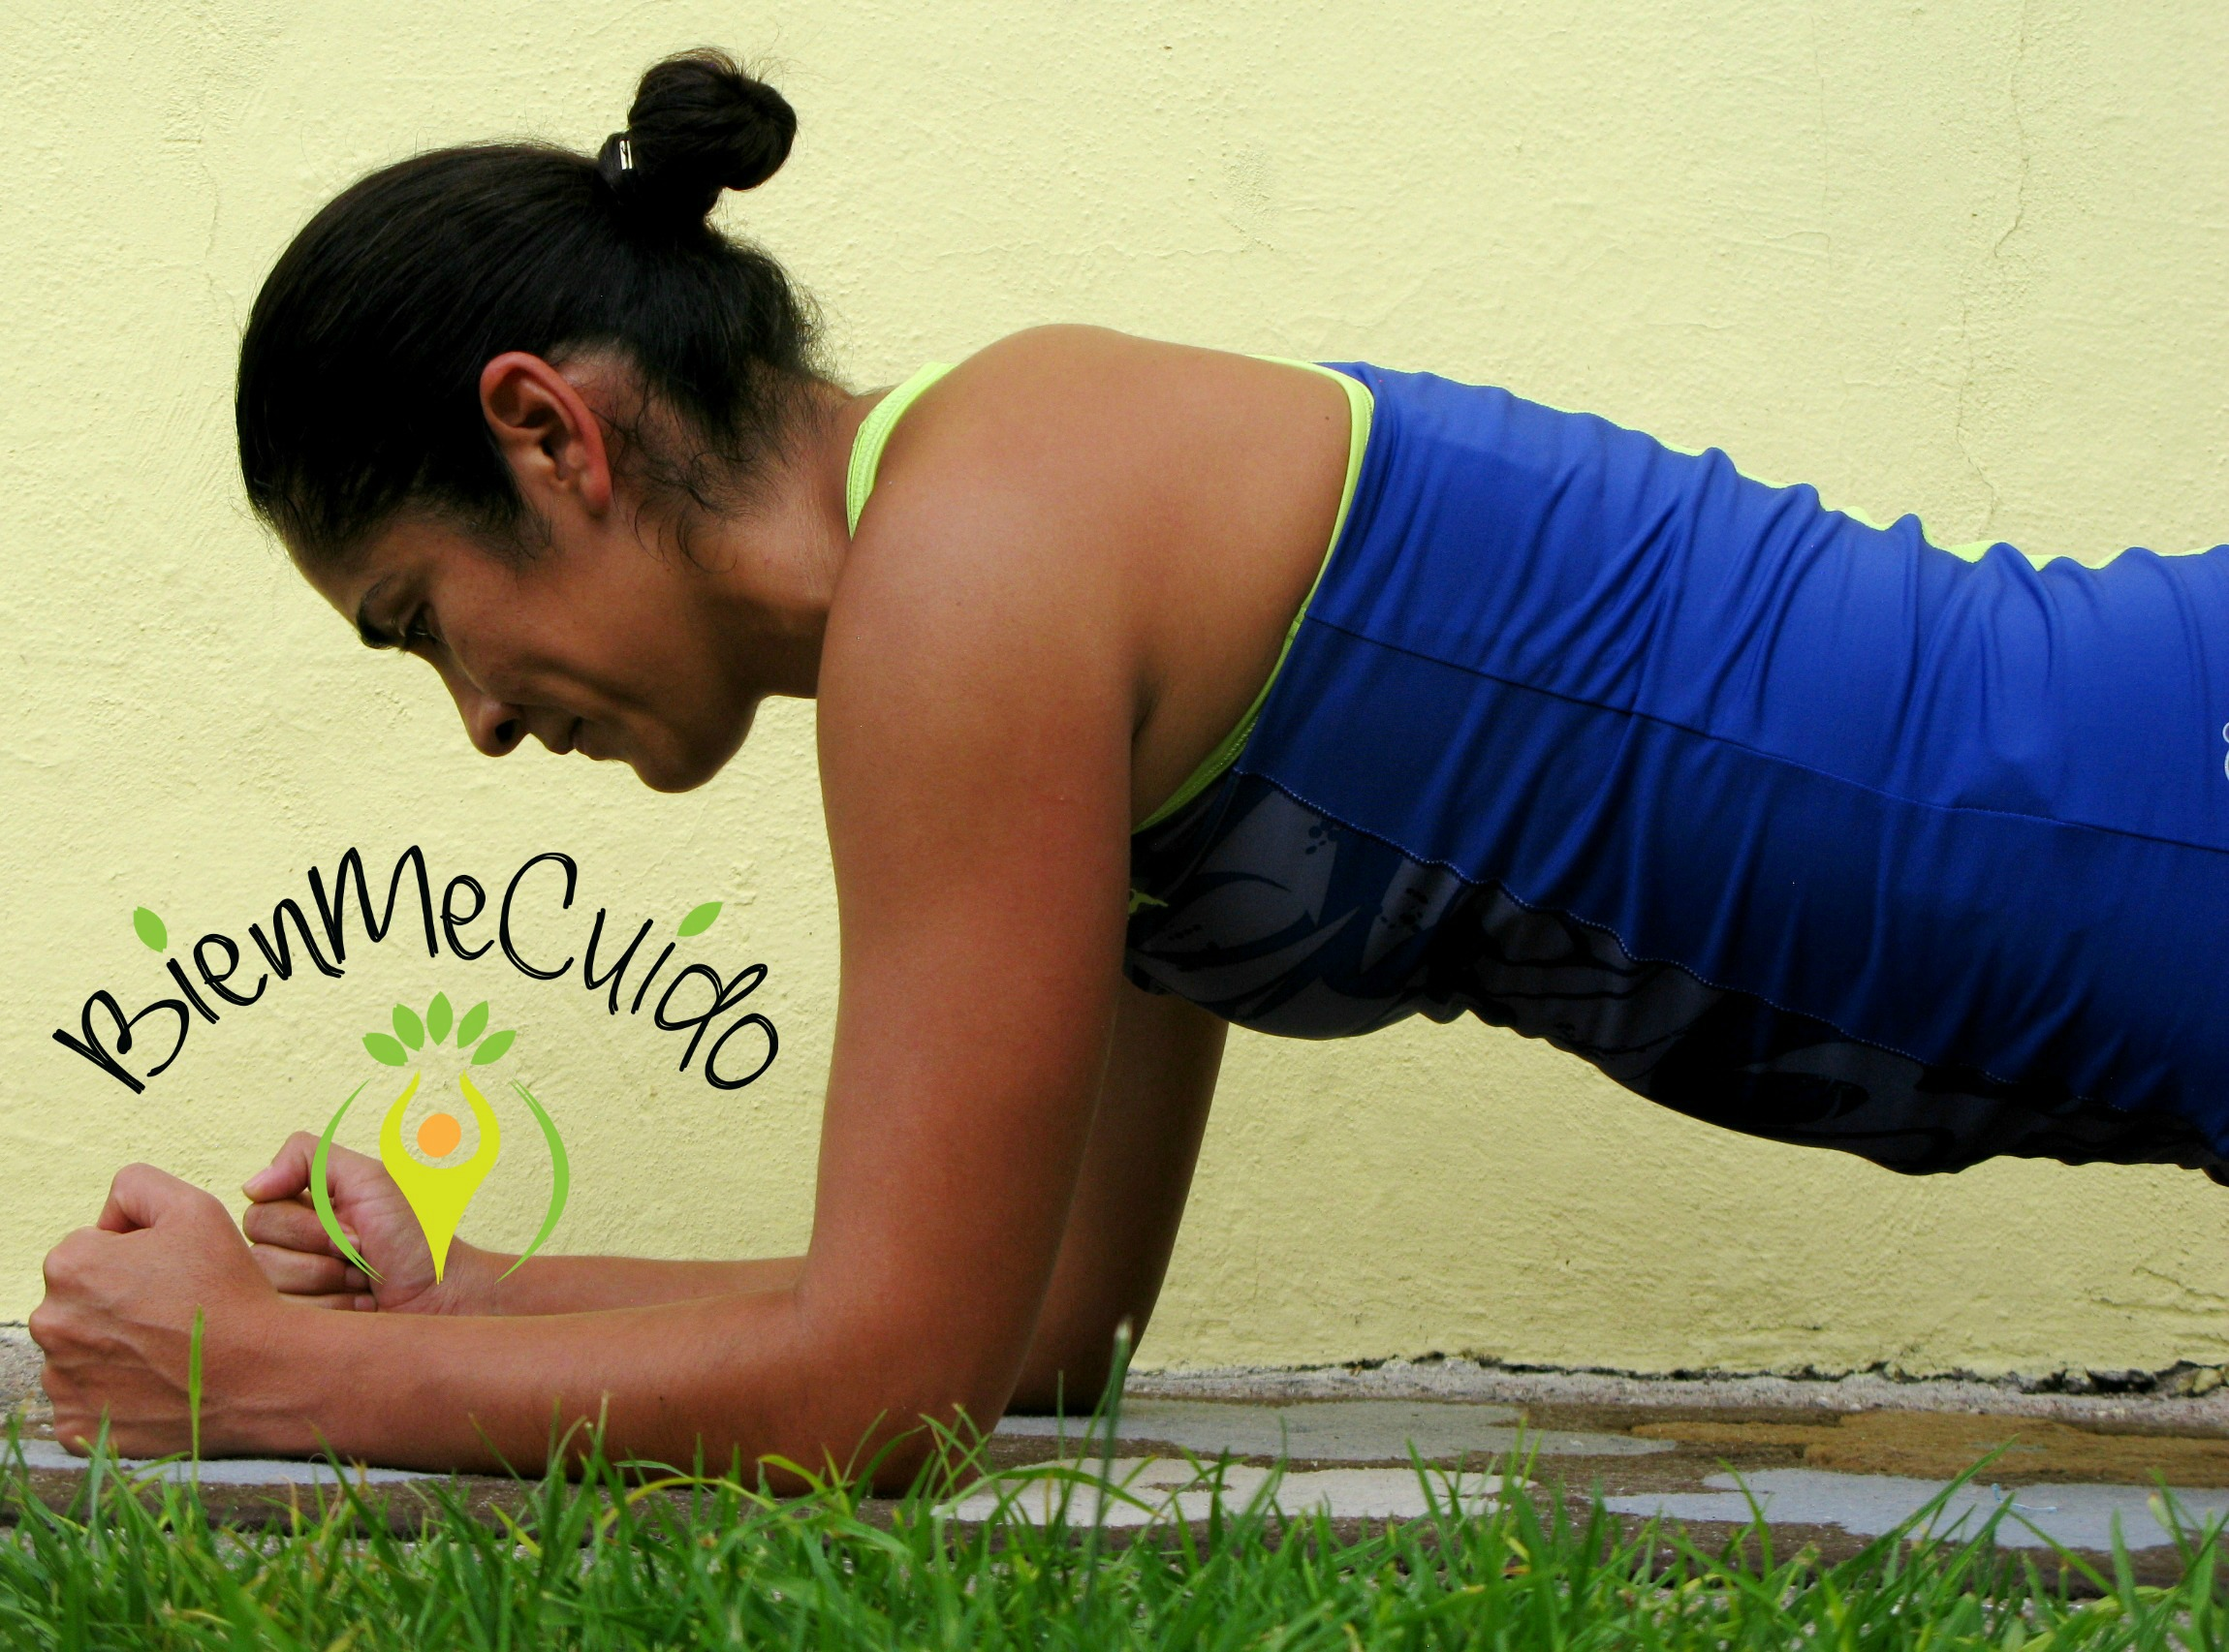 Anatomía de un plank - bienmecuido.com